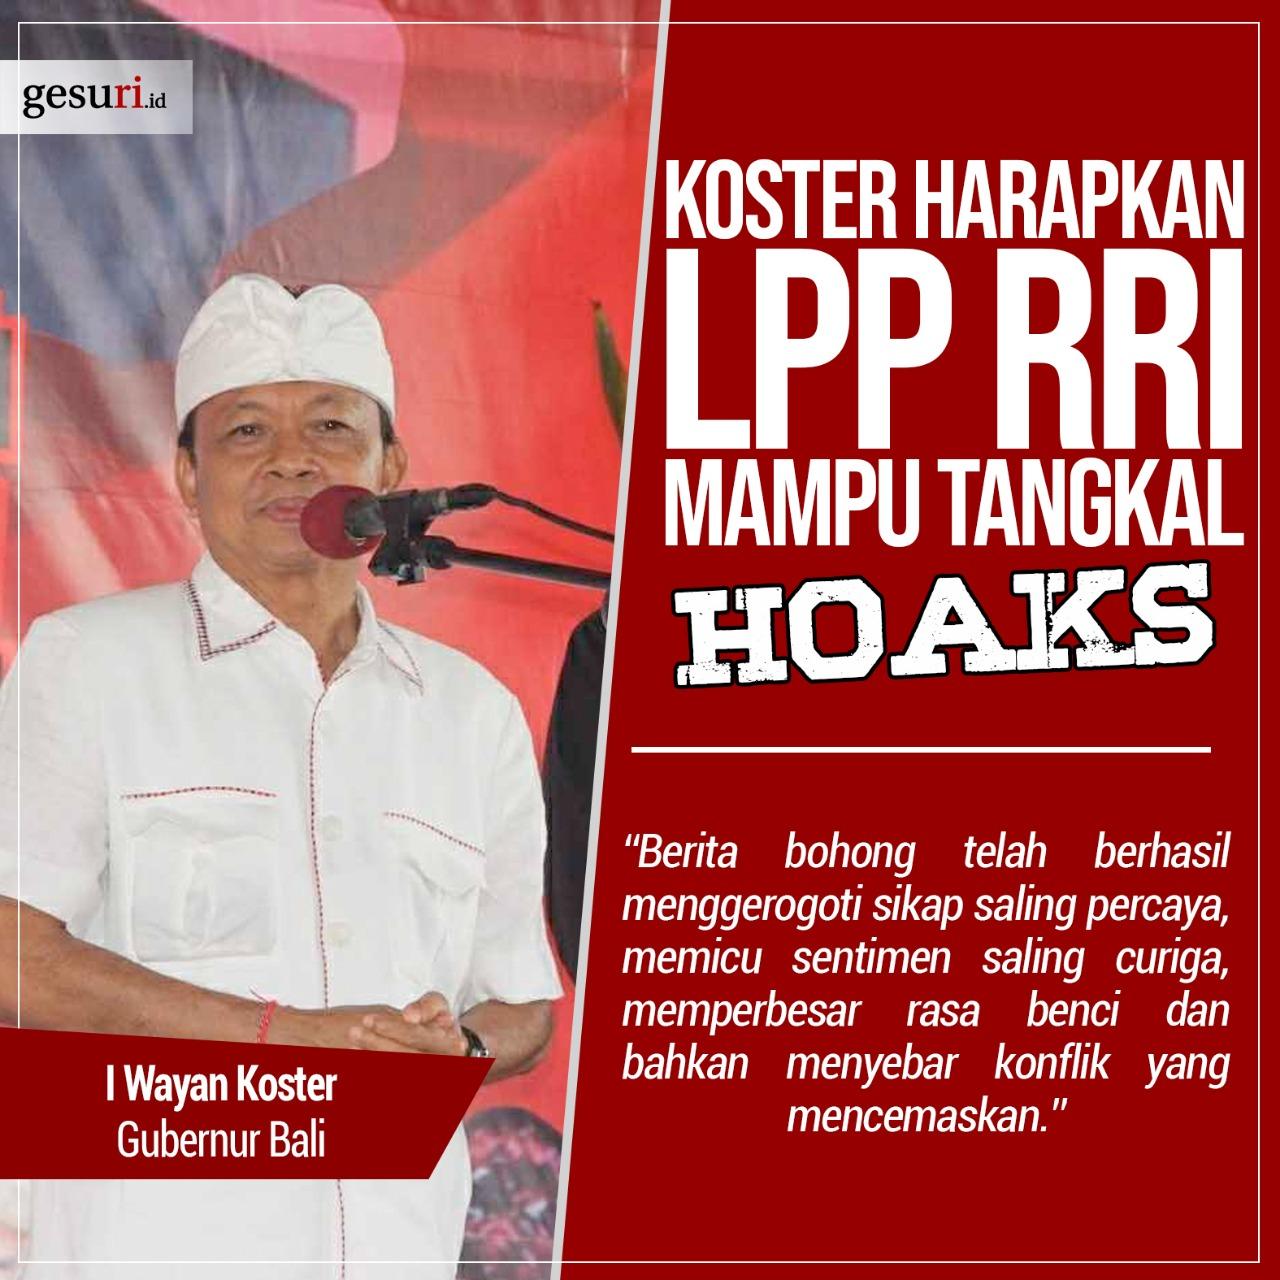 Gubernur Wayan Koster Harapkan LPP RRI Mampu Tangkal Hoaks